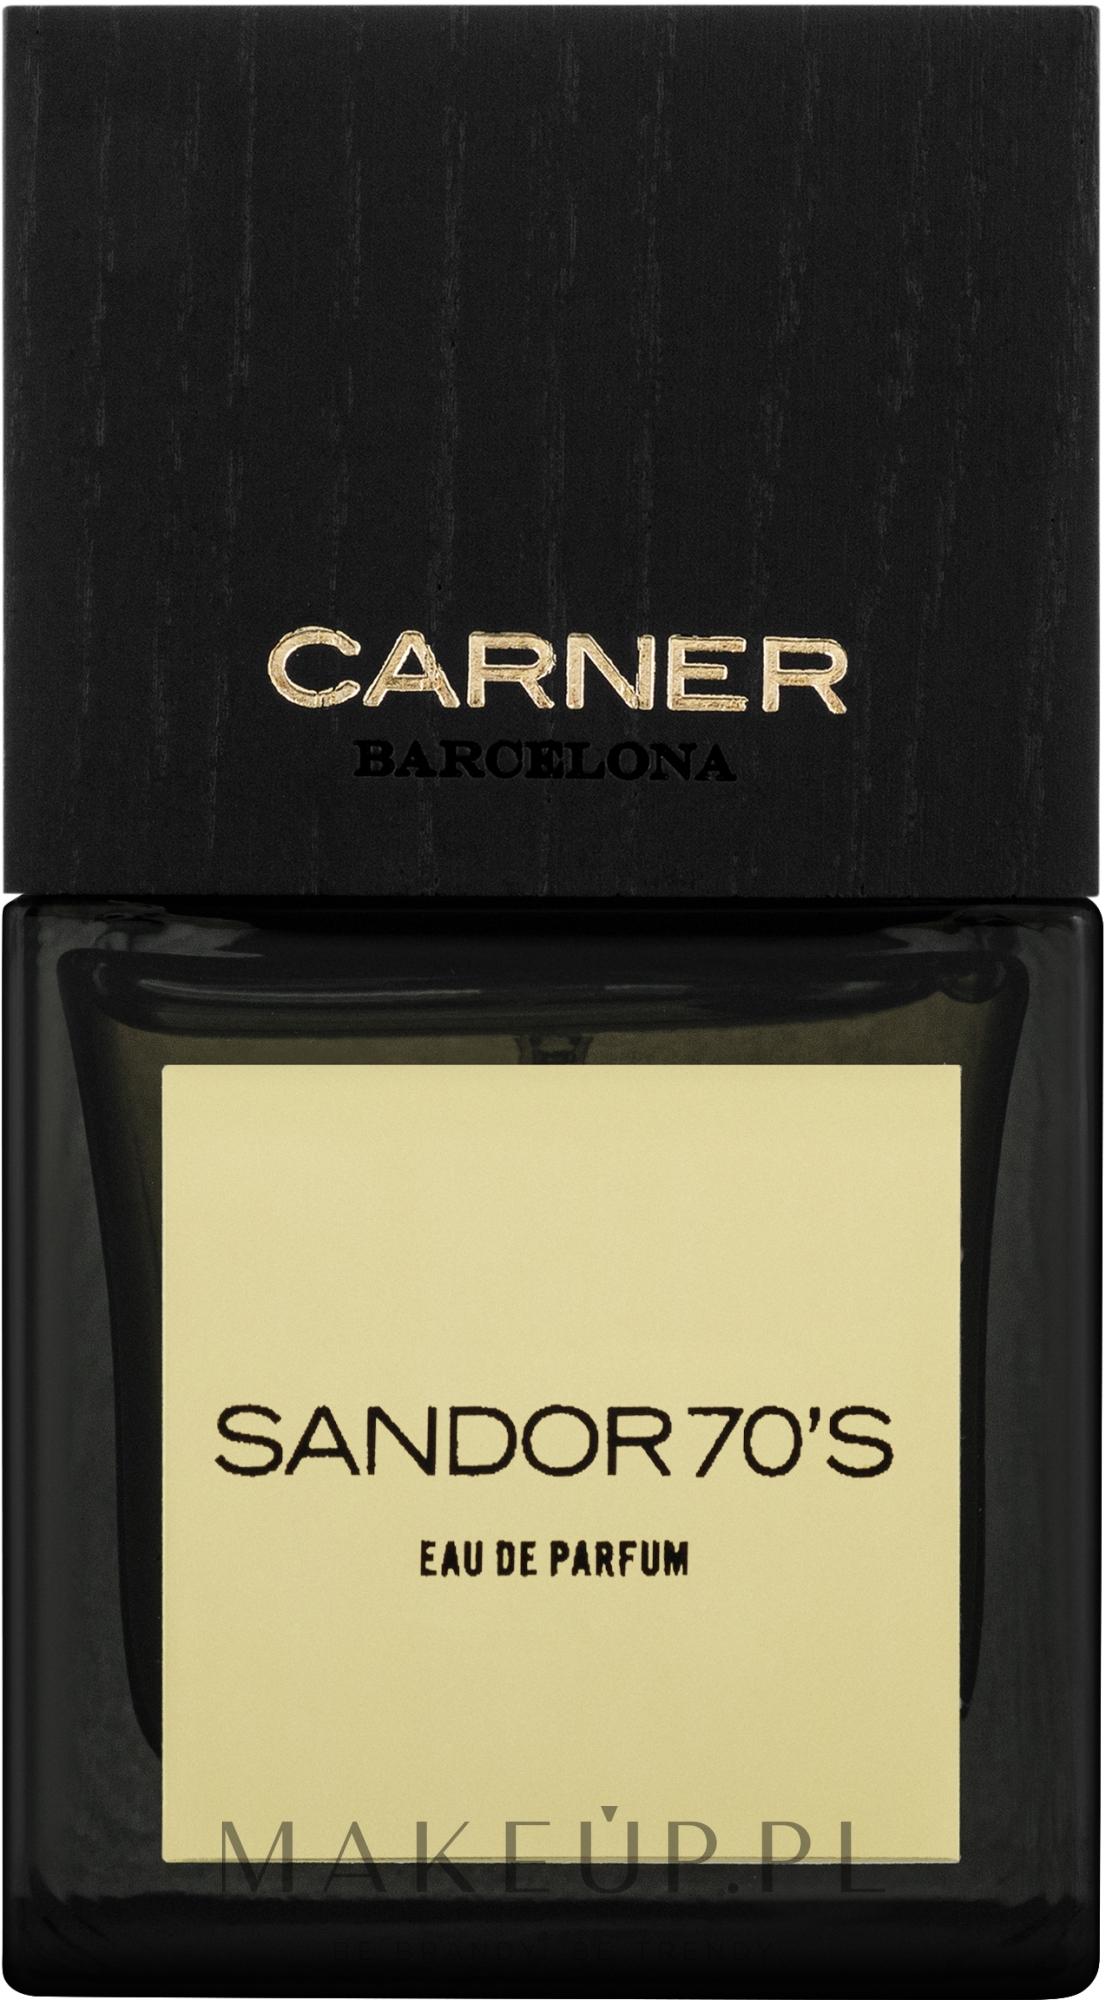 carner sandor 70's